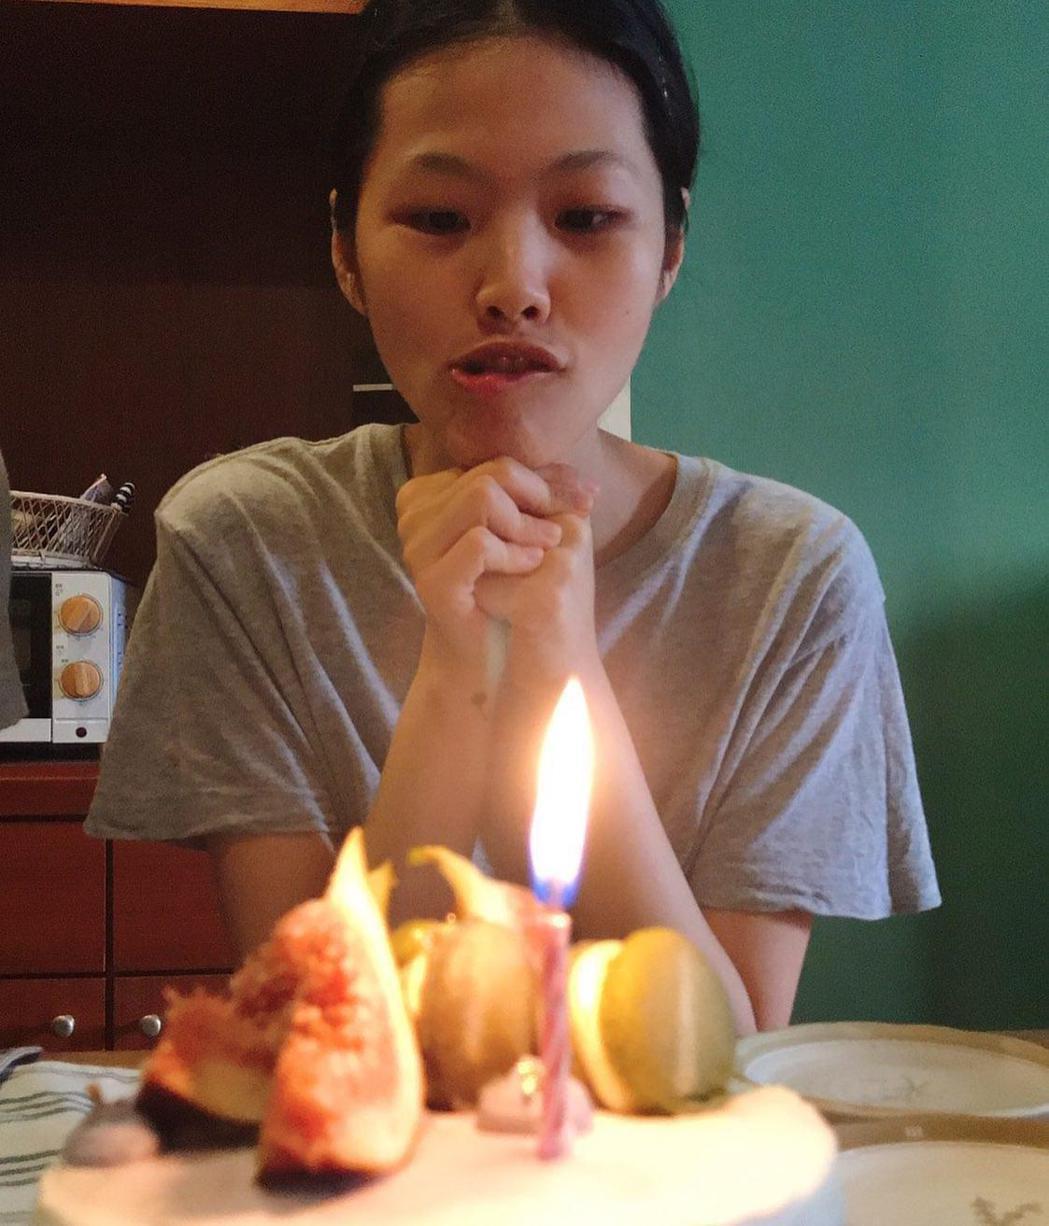 柯泯薰昨迎來33歲生日,直播自製生日蛋糕線上與粉絲同樂。圖/洗耳恭聽提供